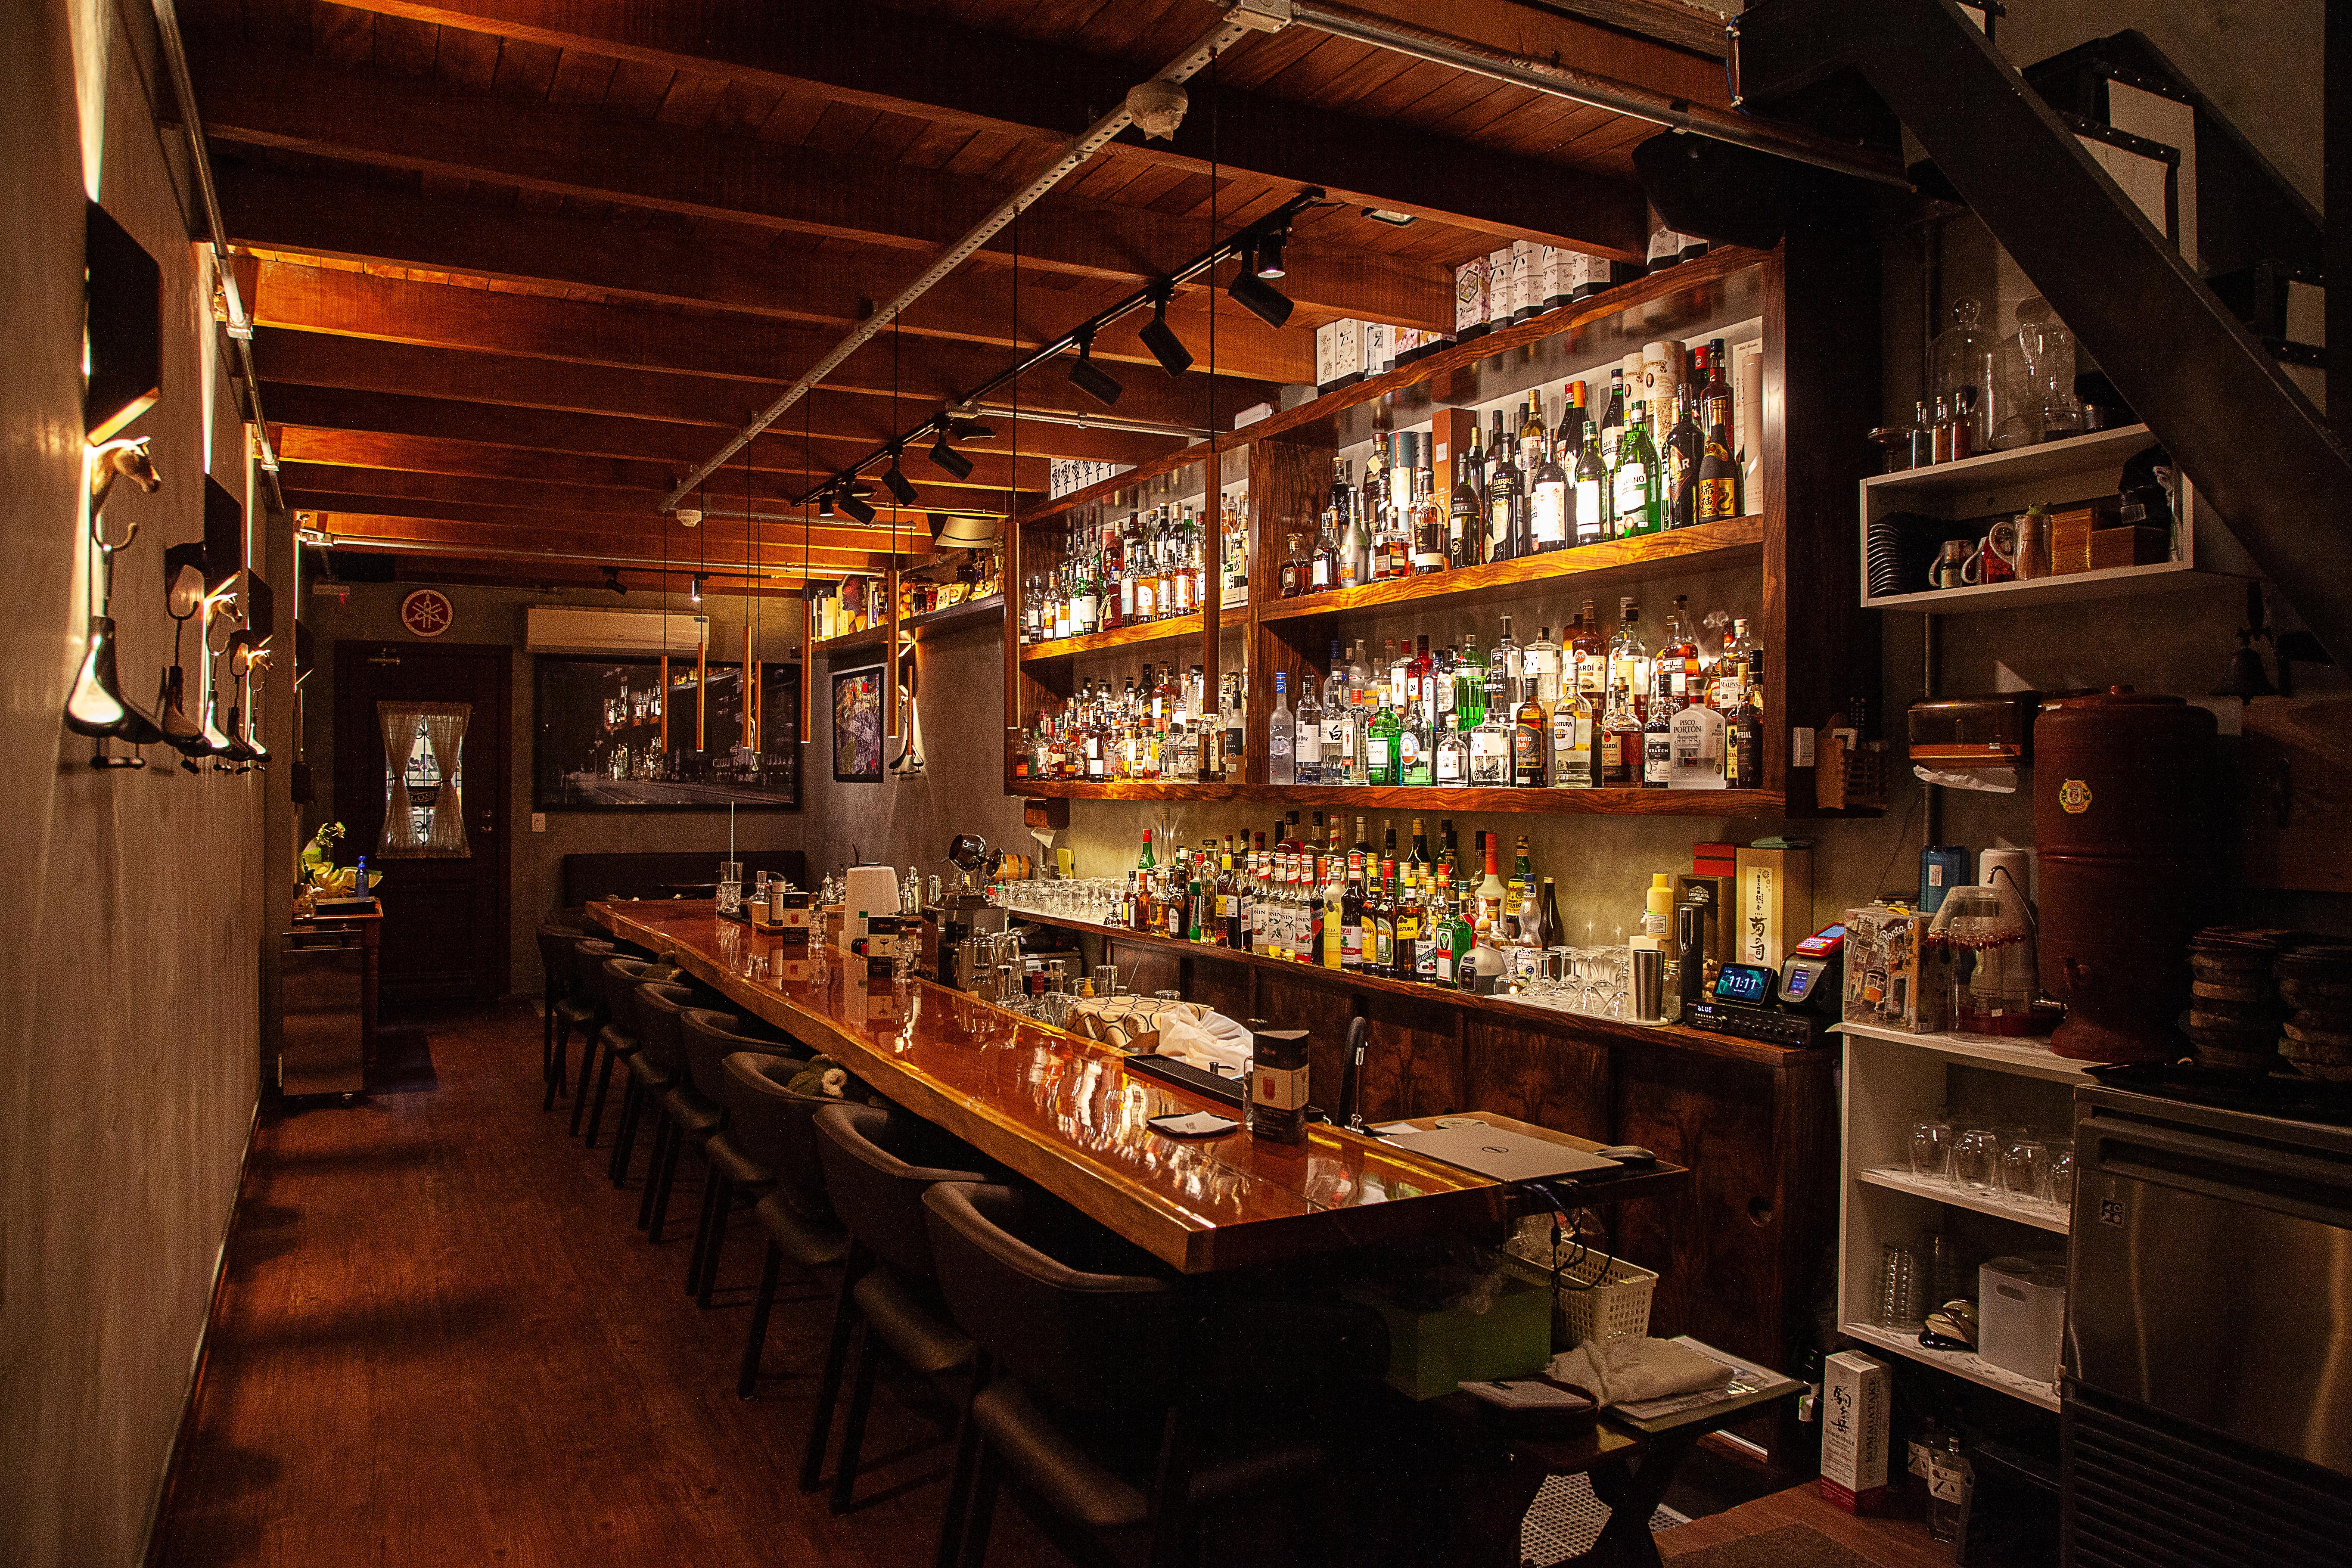 Salão do The Punch Bar, com balcão de madeira em frente à estante com garrafas de bebida.